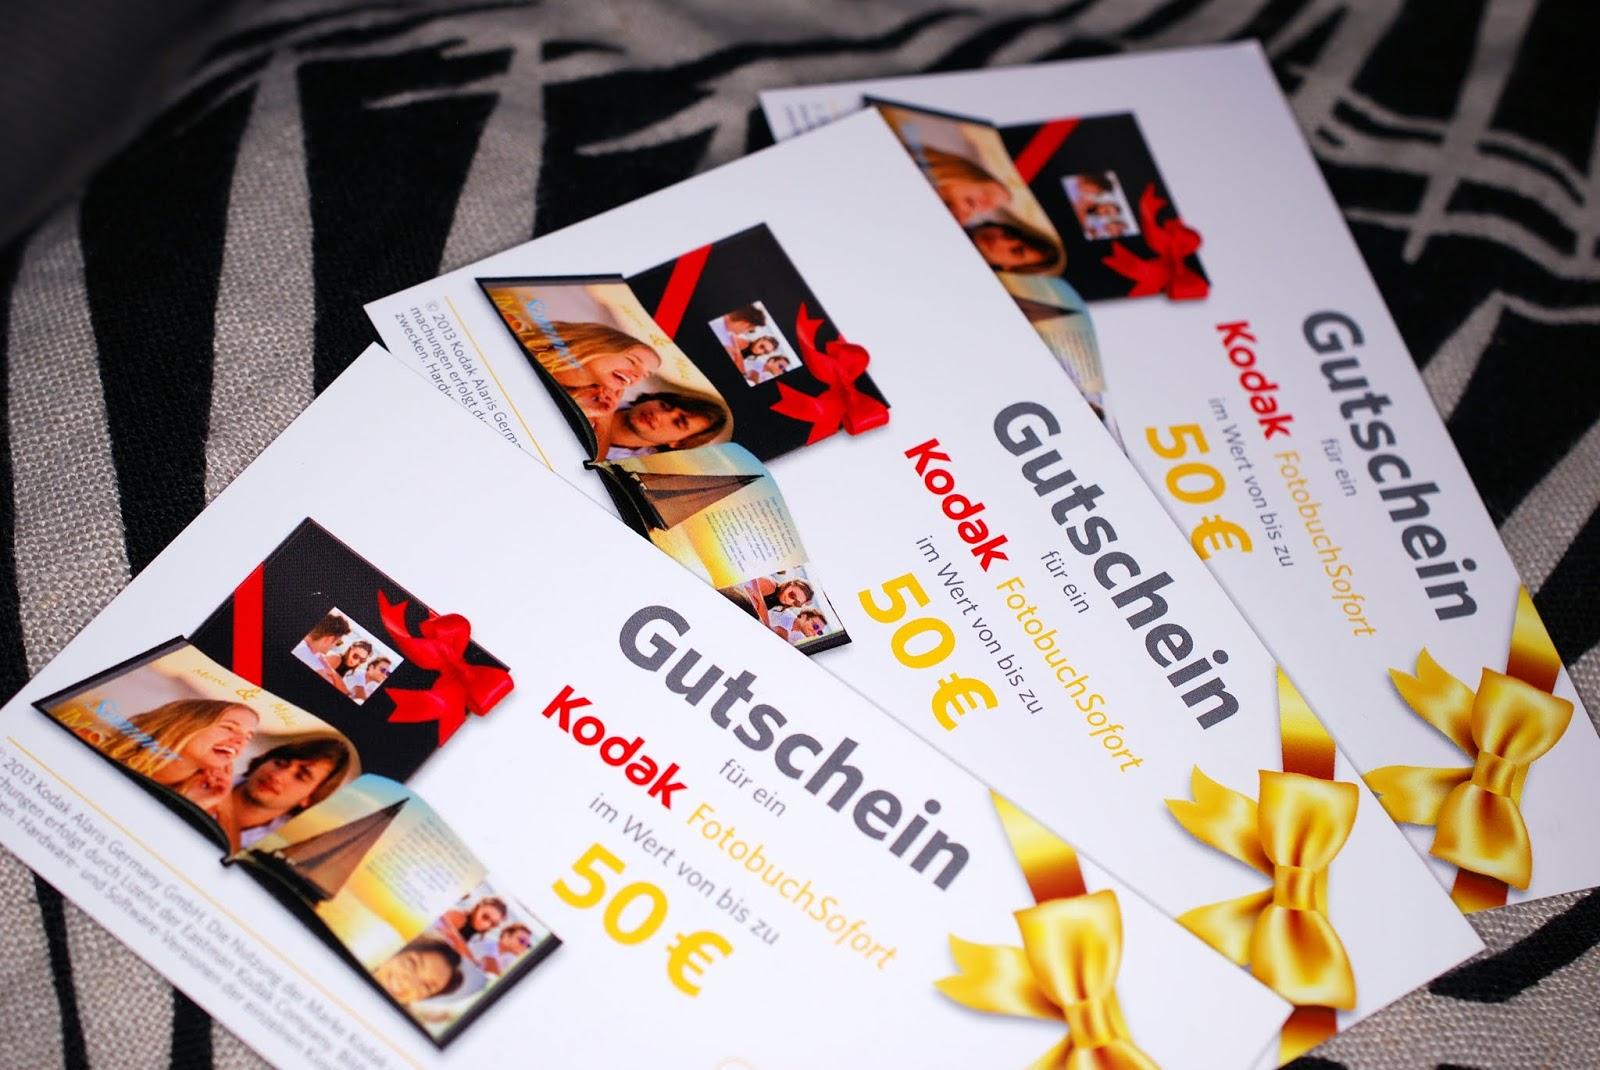 Gewinnspiel Gutschein Kodak FotobuchSofort